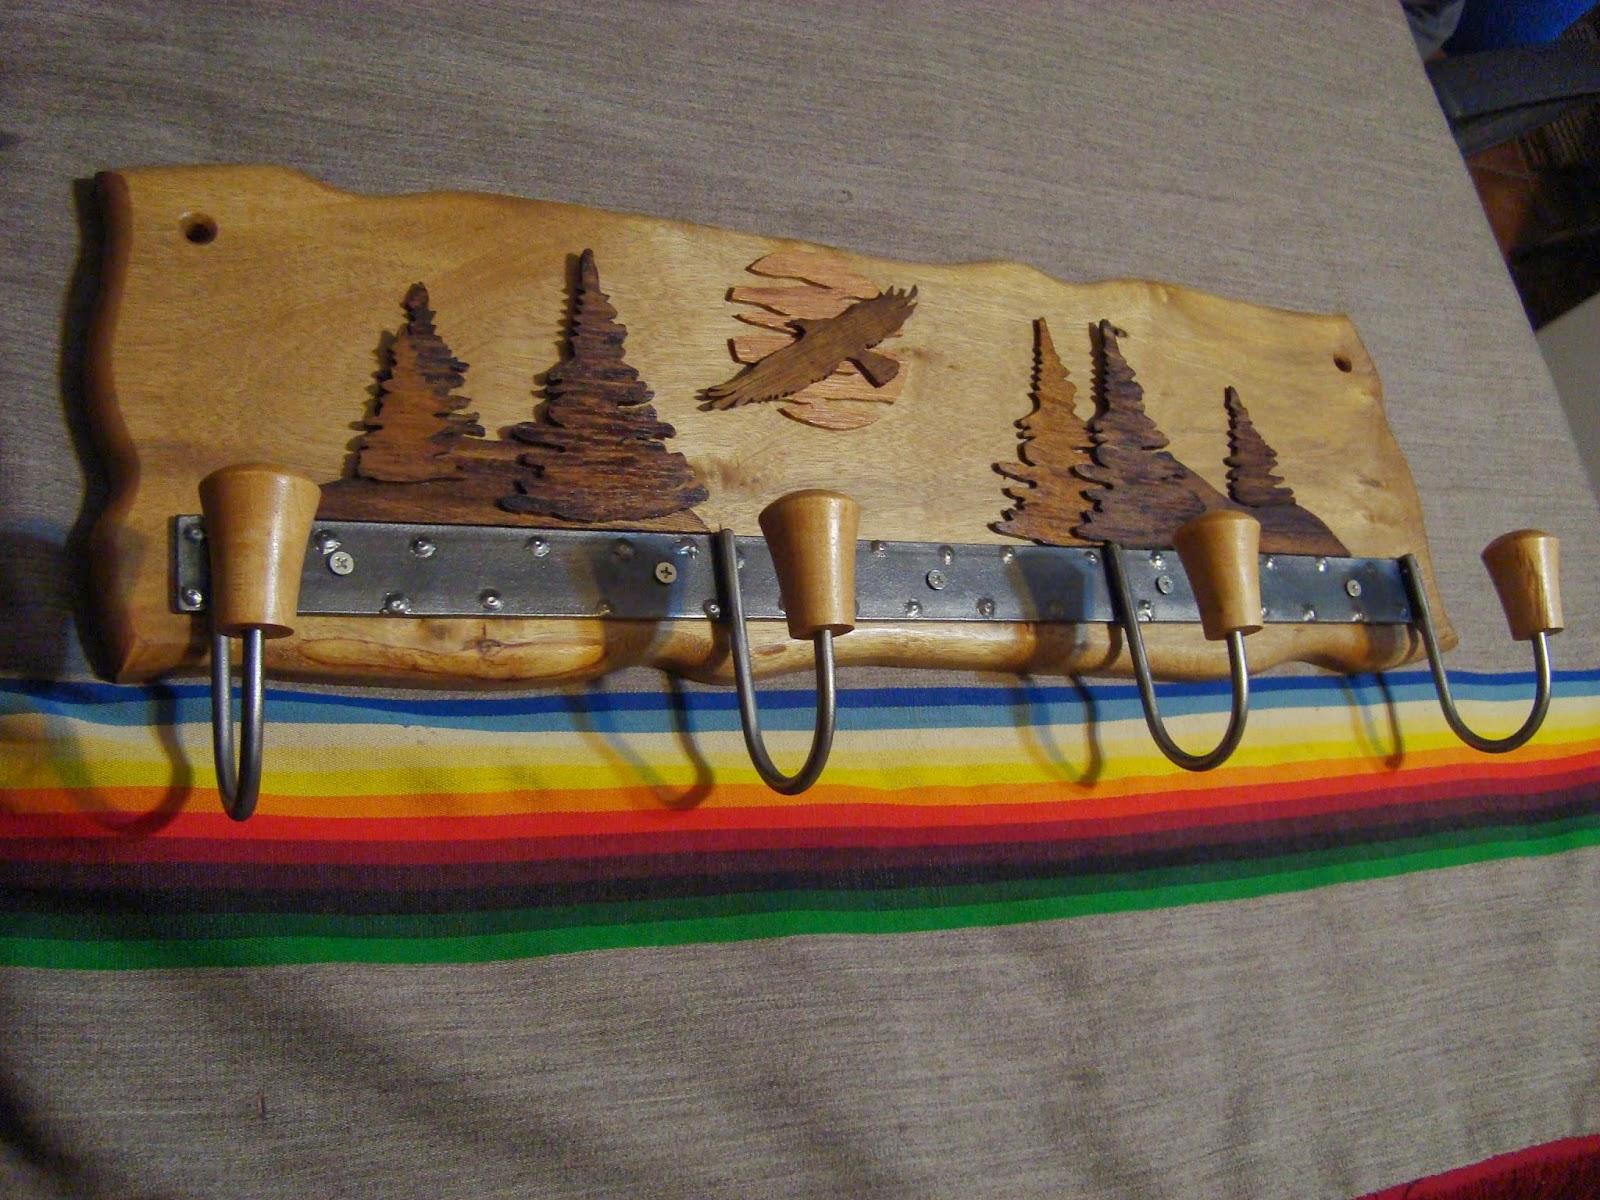 El olivo artesanias decoracion nuevos productos y modelos - Percheros de madera rusticos ...